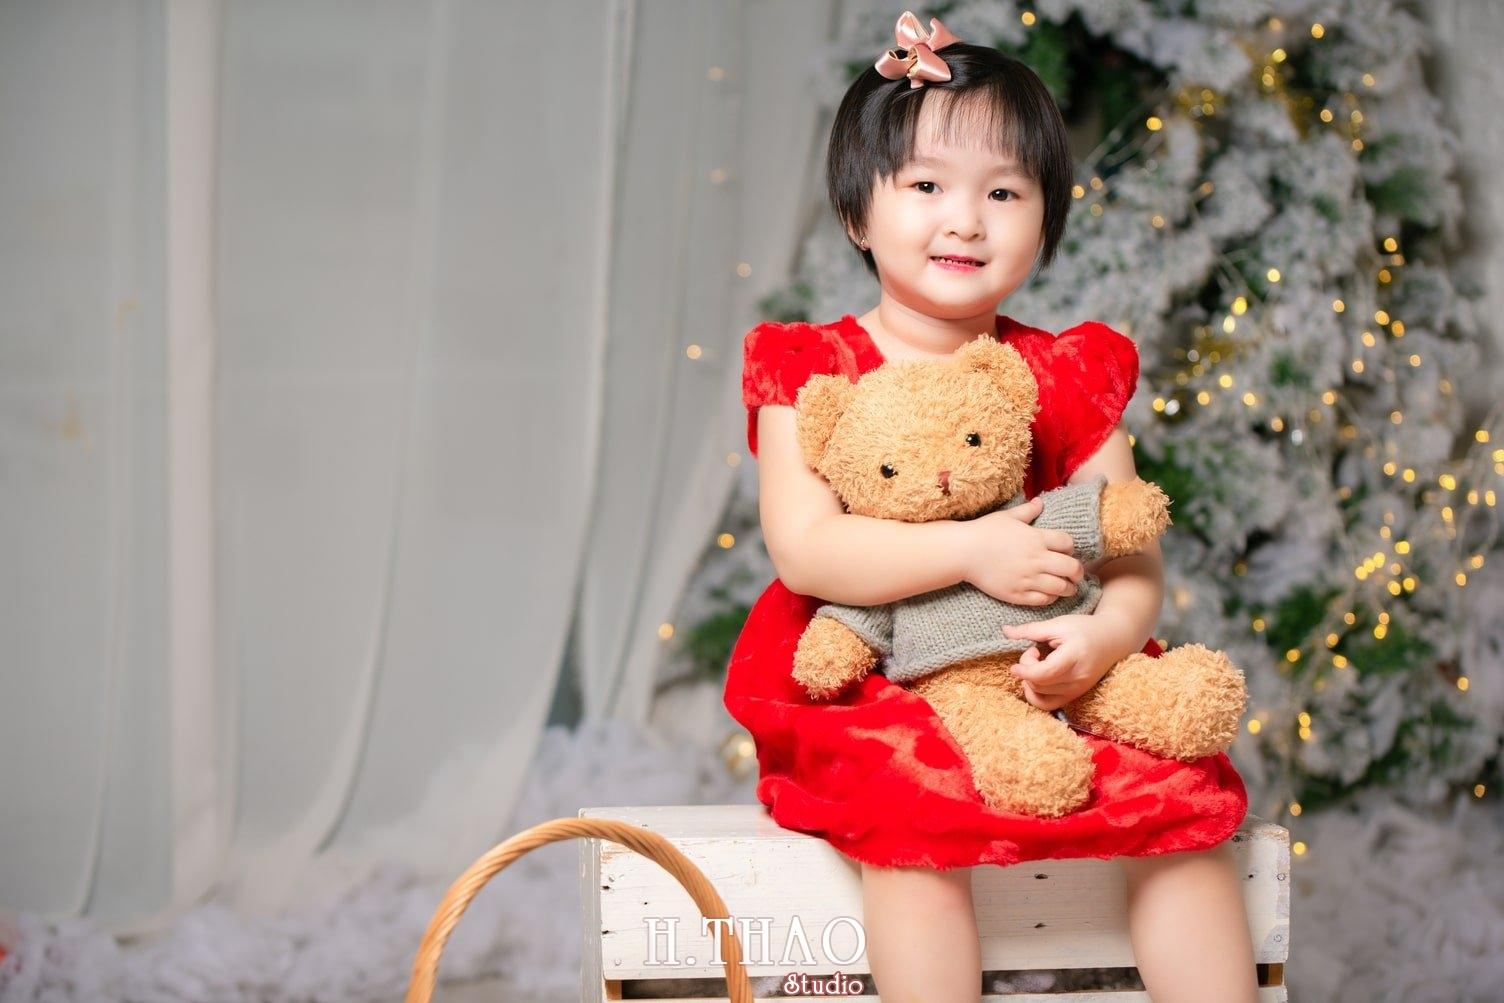 Anh be noel 5 - Album ảnh noel chụp cho con gái cưng chị Linh - HThao Studio